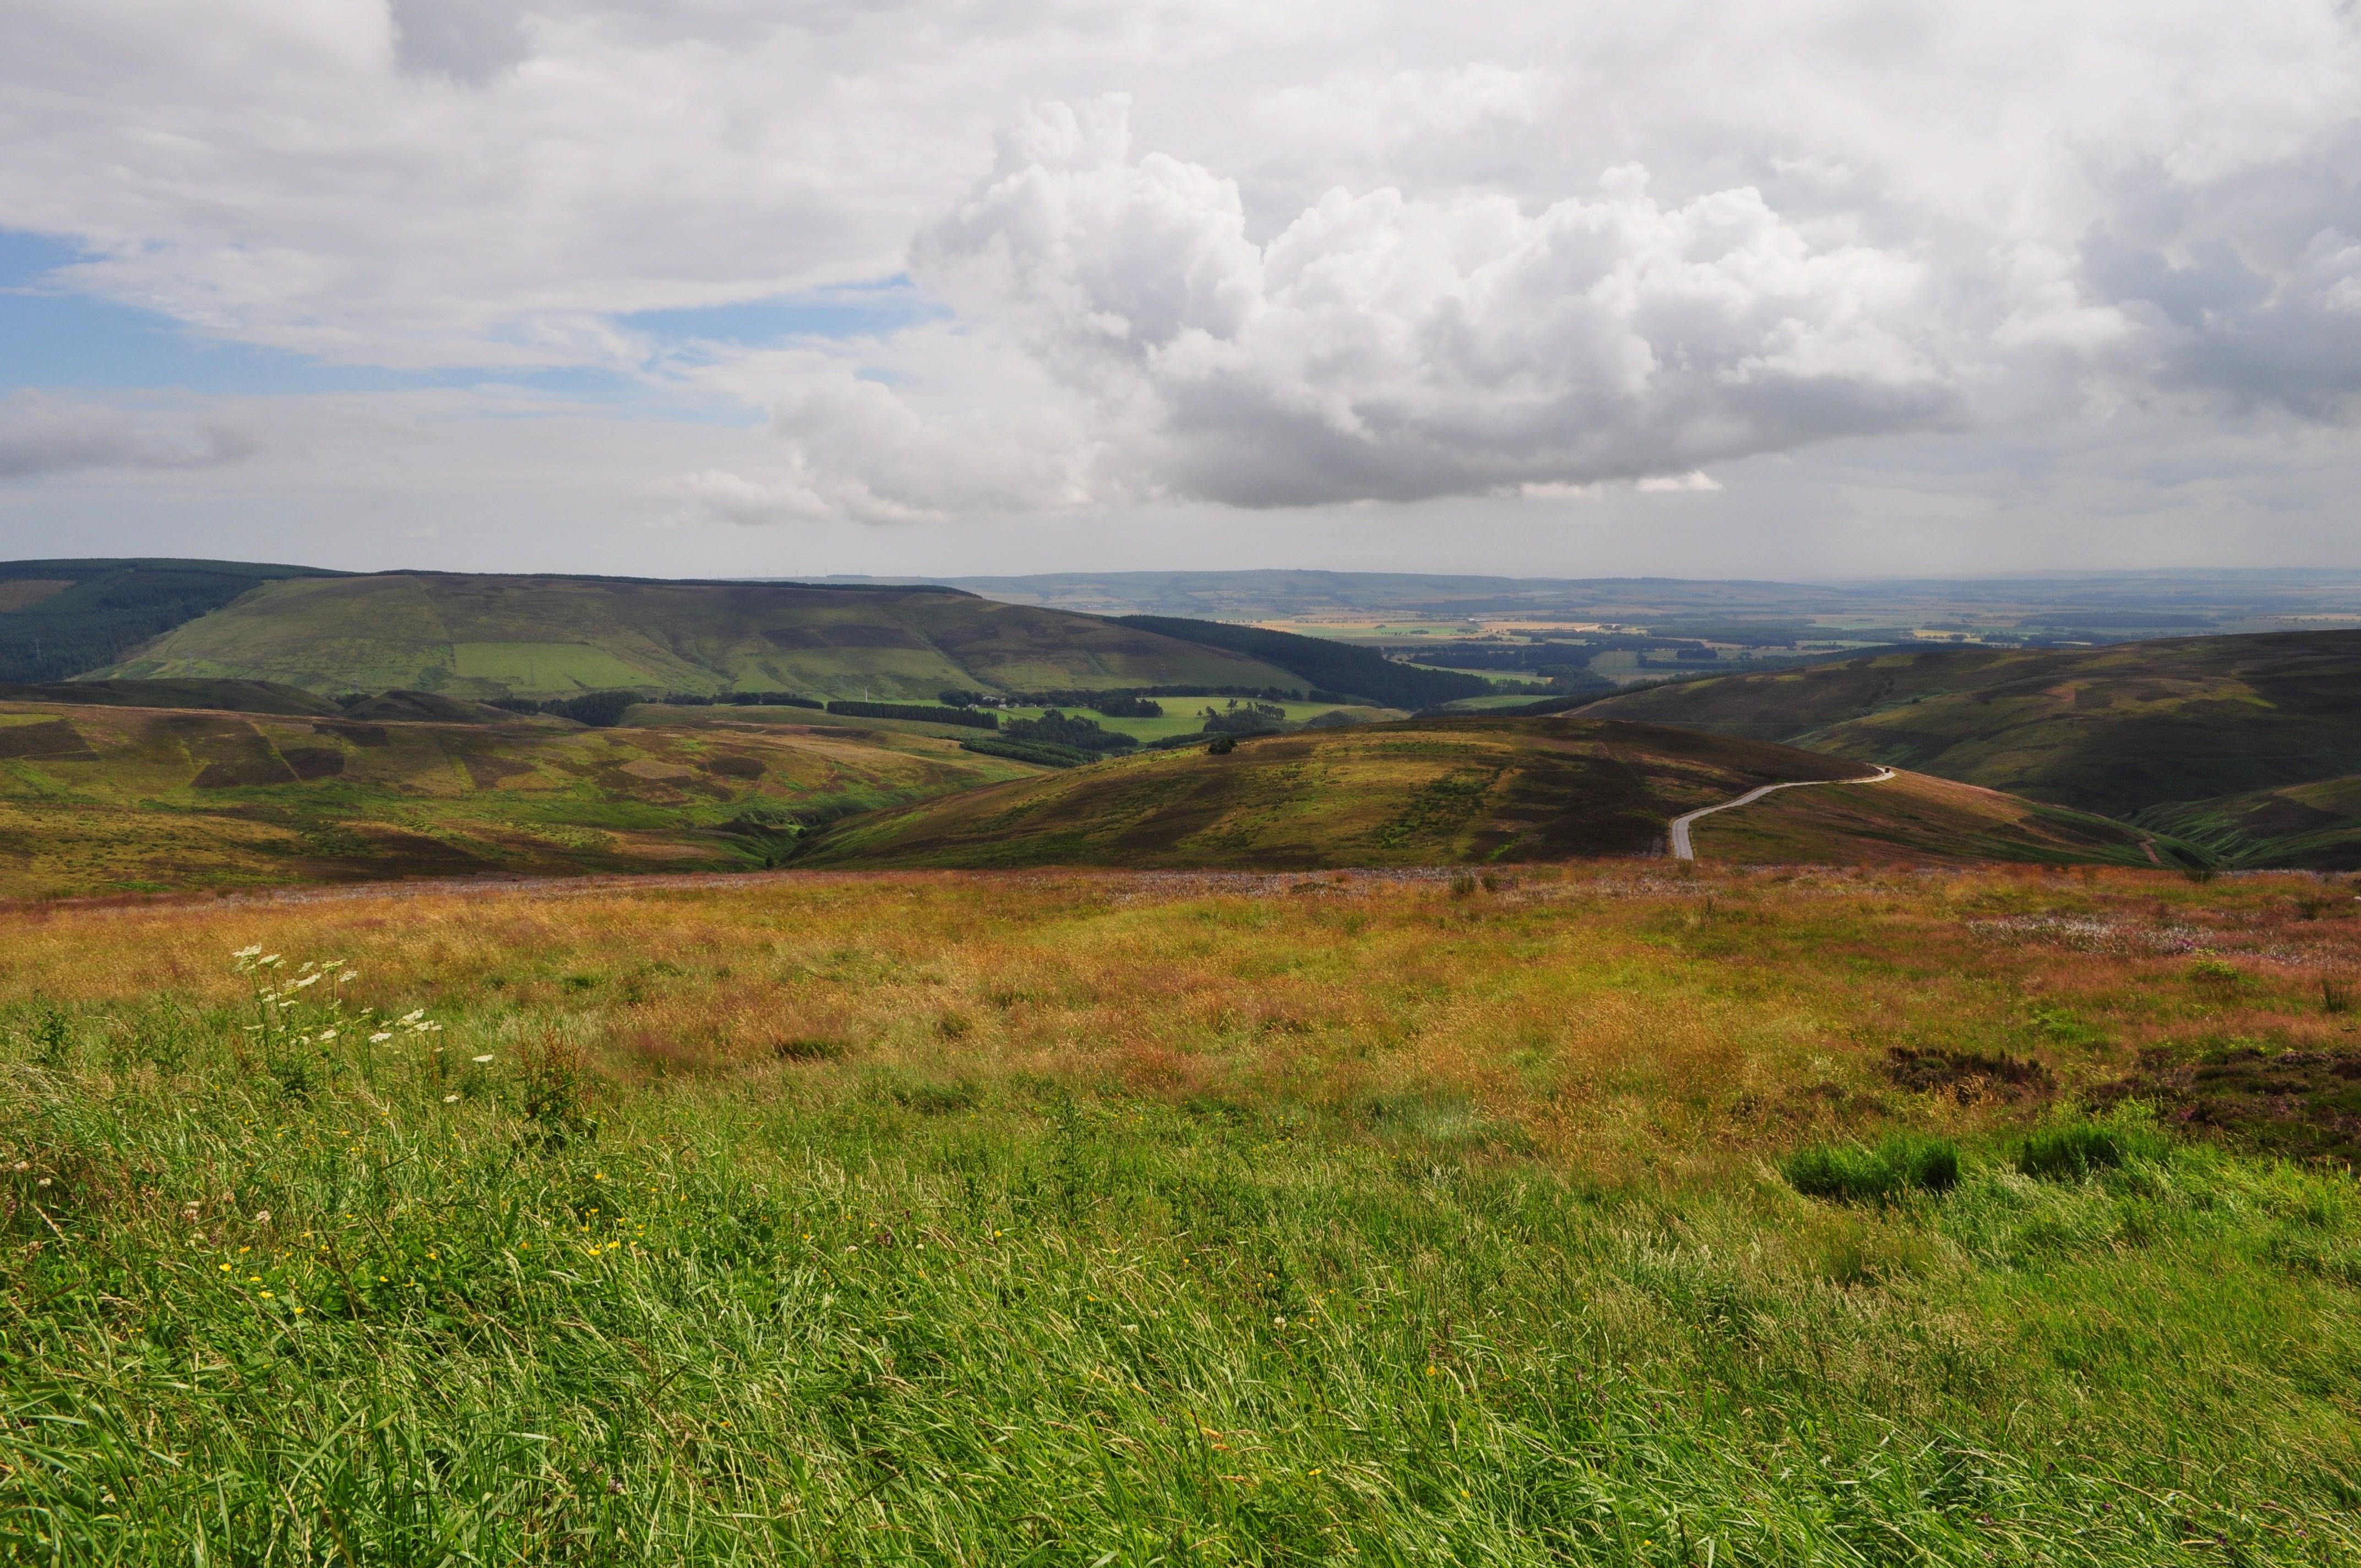 L 39 horizon est vaste paysage des grampians aberdeenshire for Agence horizon paysage